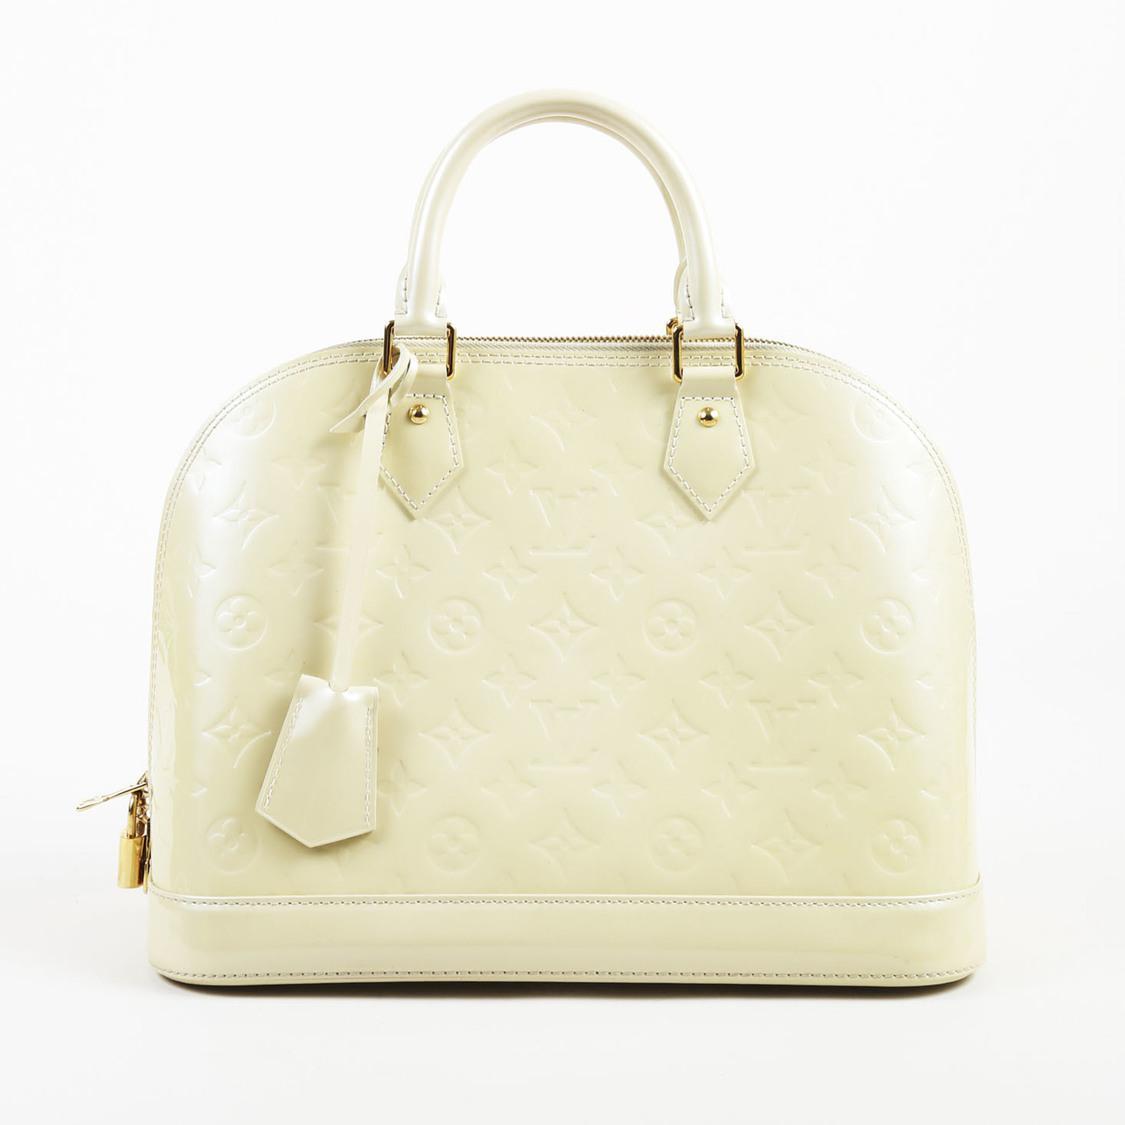 5f4a9a846fb Louis Vuitton Natural